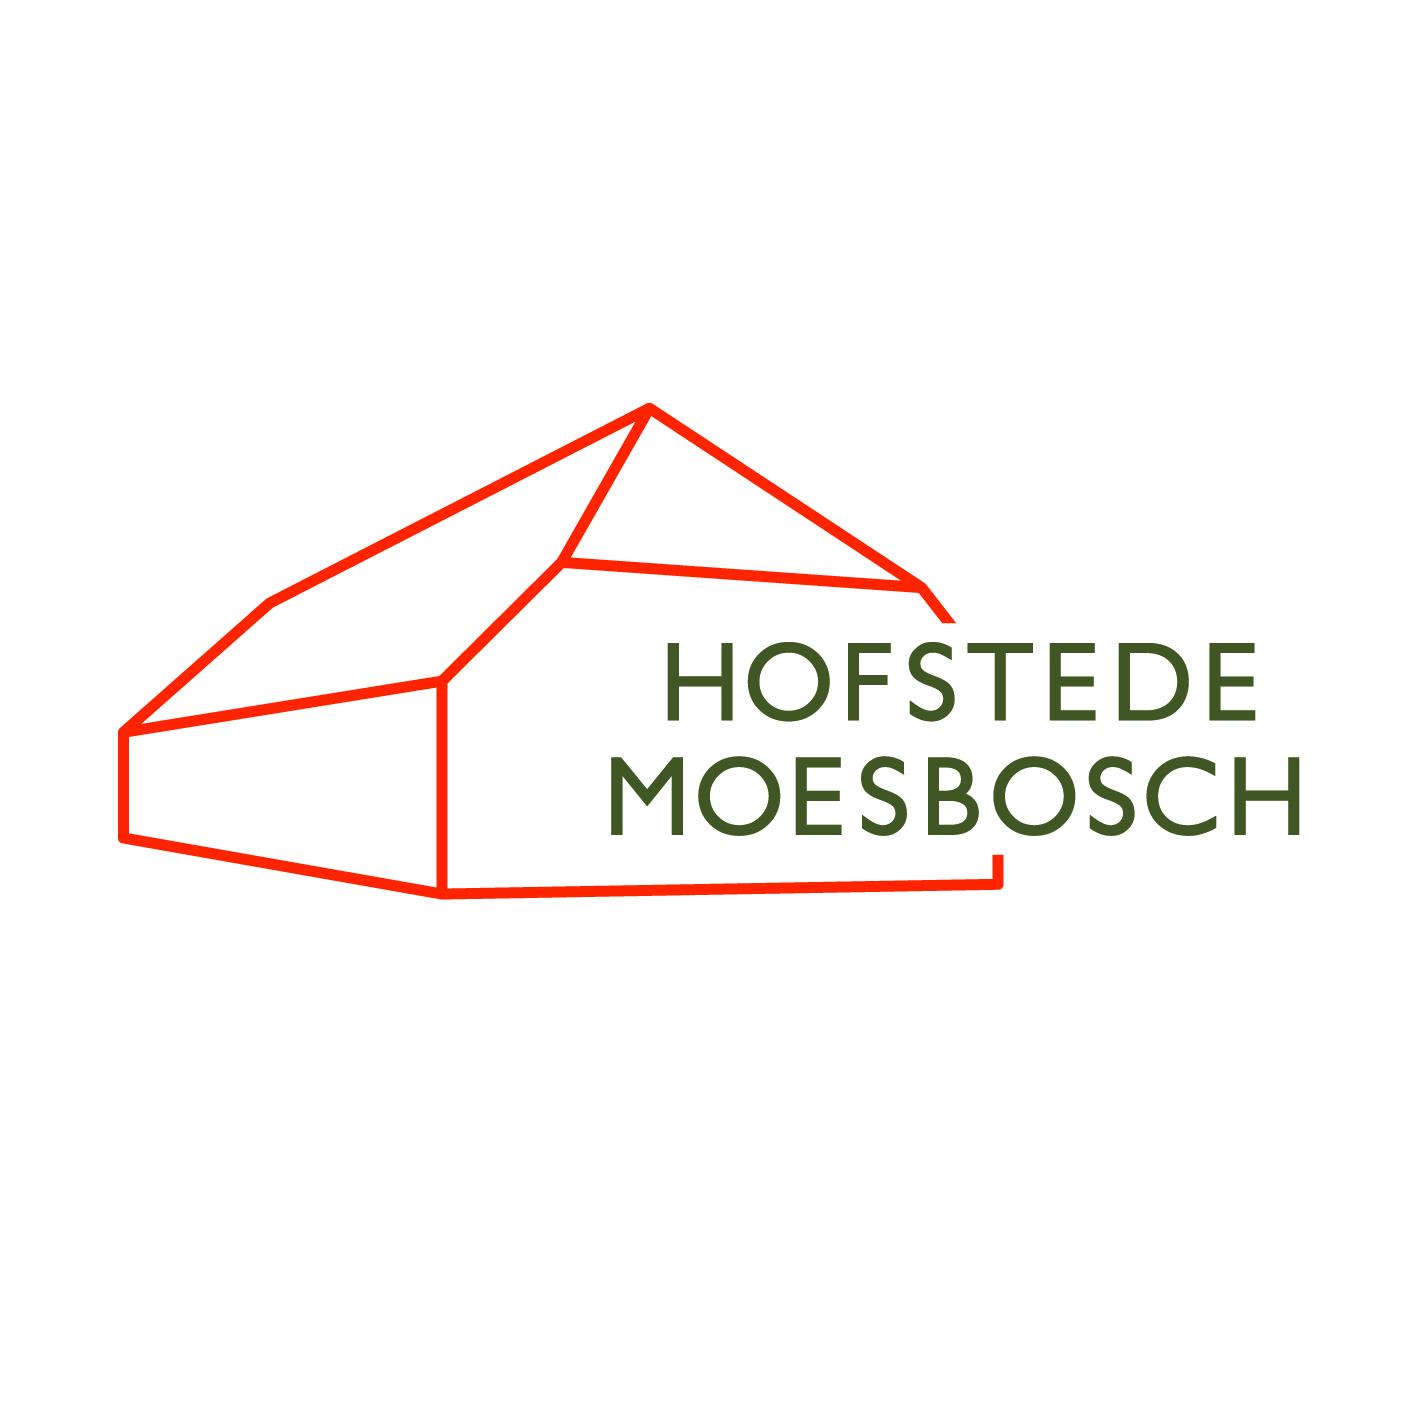 Hofstede Moesbosch